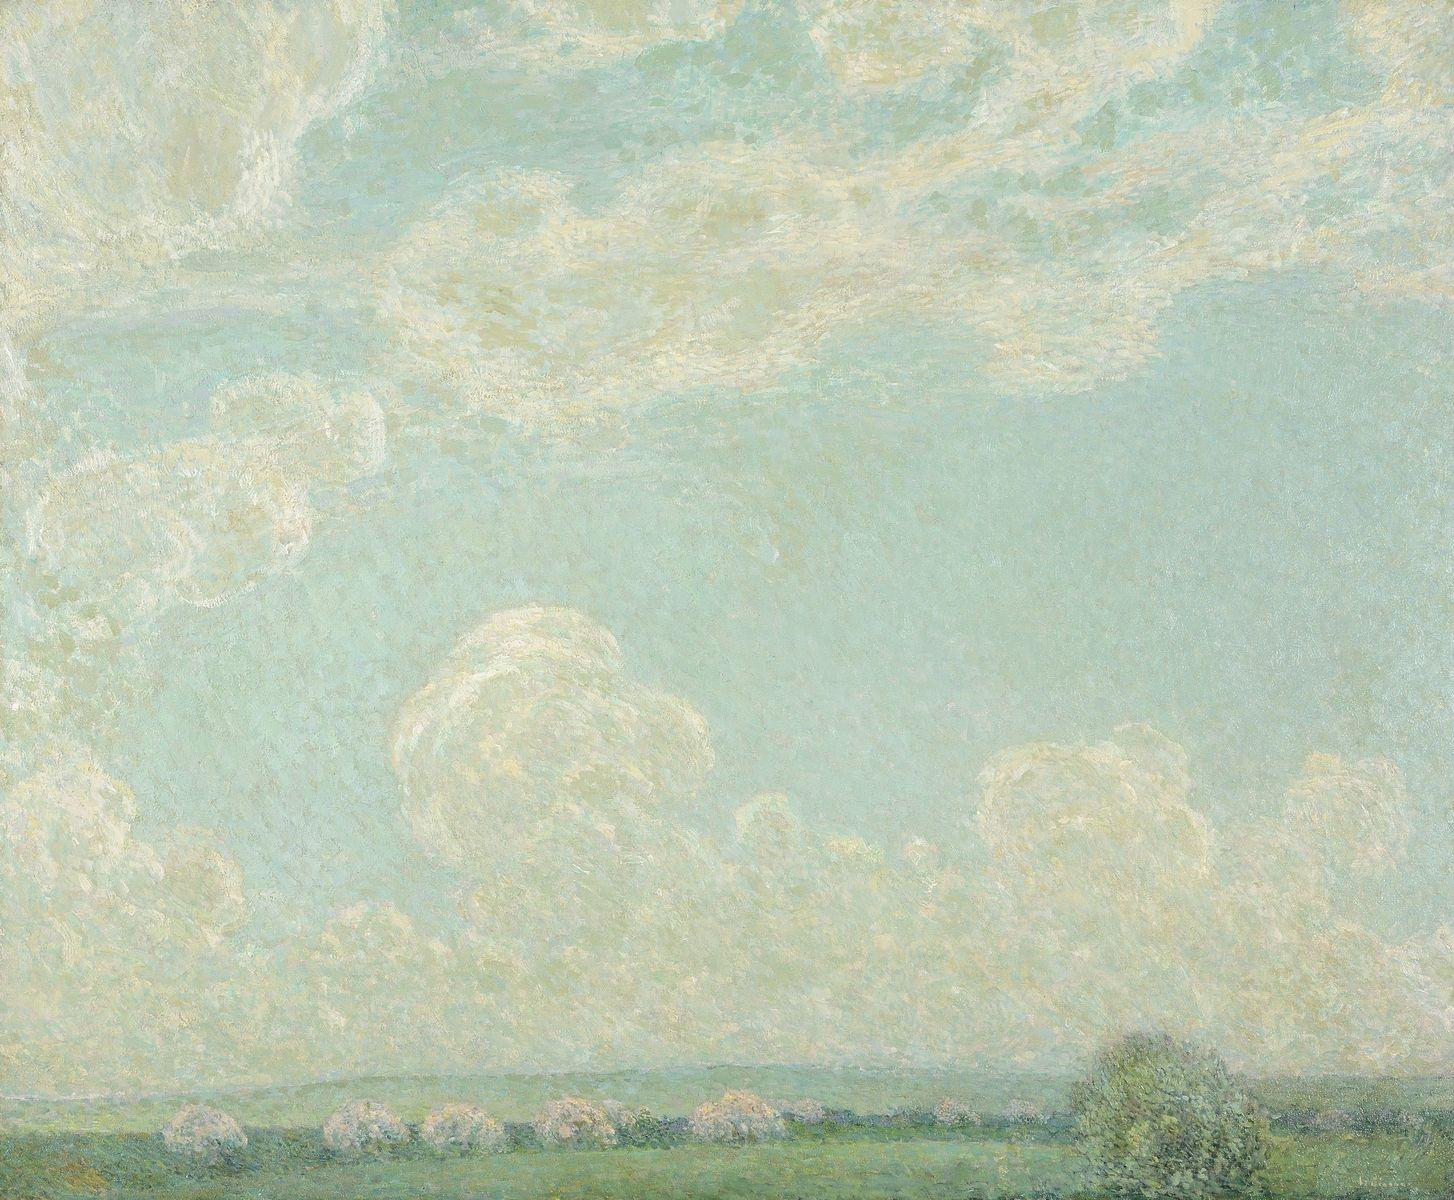 Henri Le Sidaner, Ciel de Printemps, 1913 © Musée du Touquet-Paris-Plage / Bruno Jagerschmidt